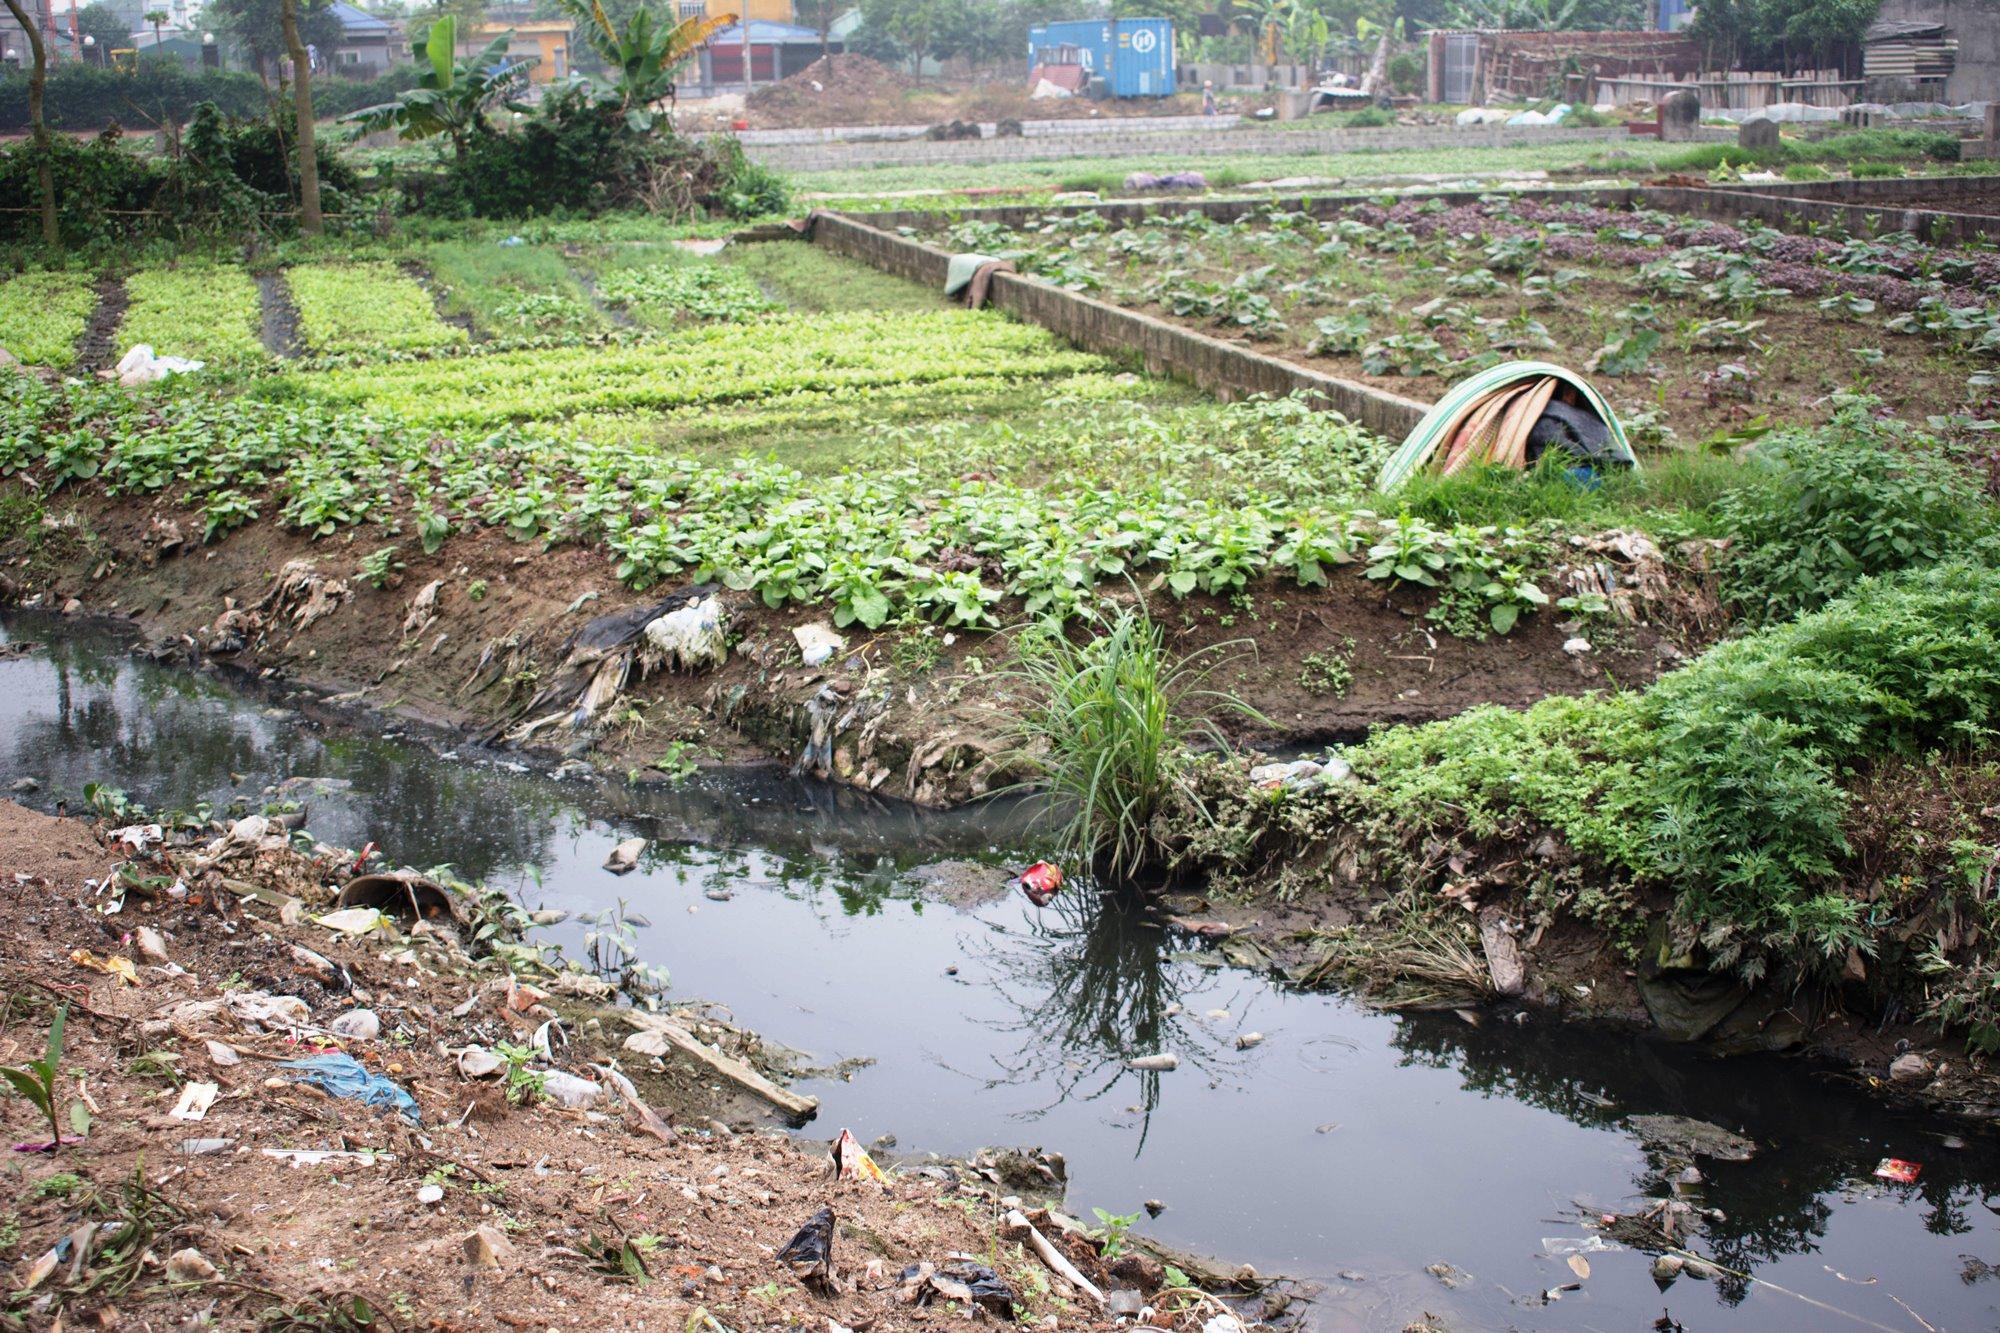 Thiếu nước sạch, nhiều khu vực, người dân phải dùng nước bẩn từ kênh mương để tưới rau. (Ảnh: Thoa Chu/Vietnam+)